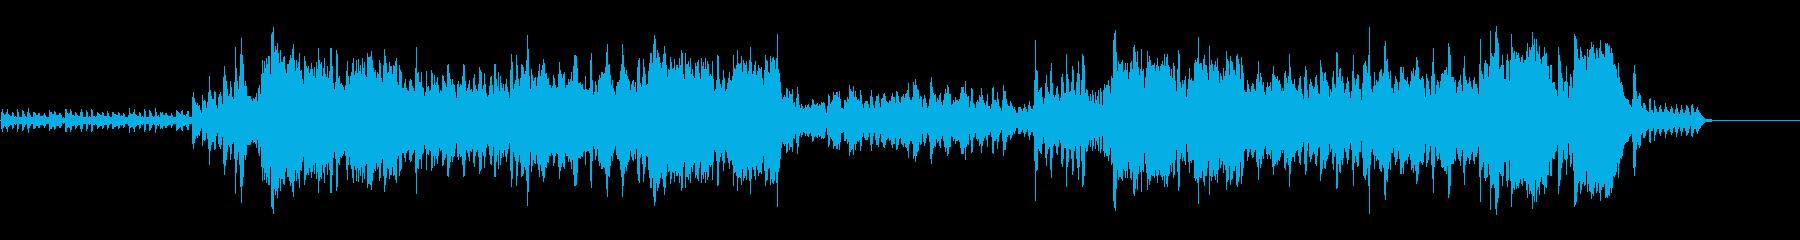 ハロウィンをイメージした不気味なワルツの再生済みの波形